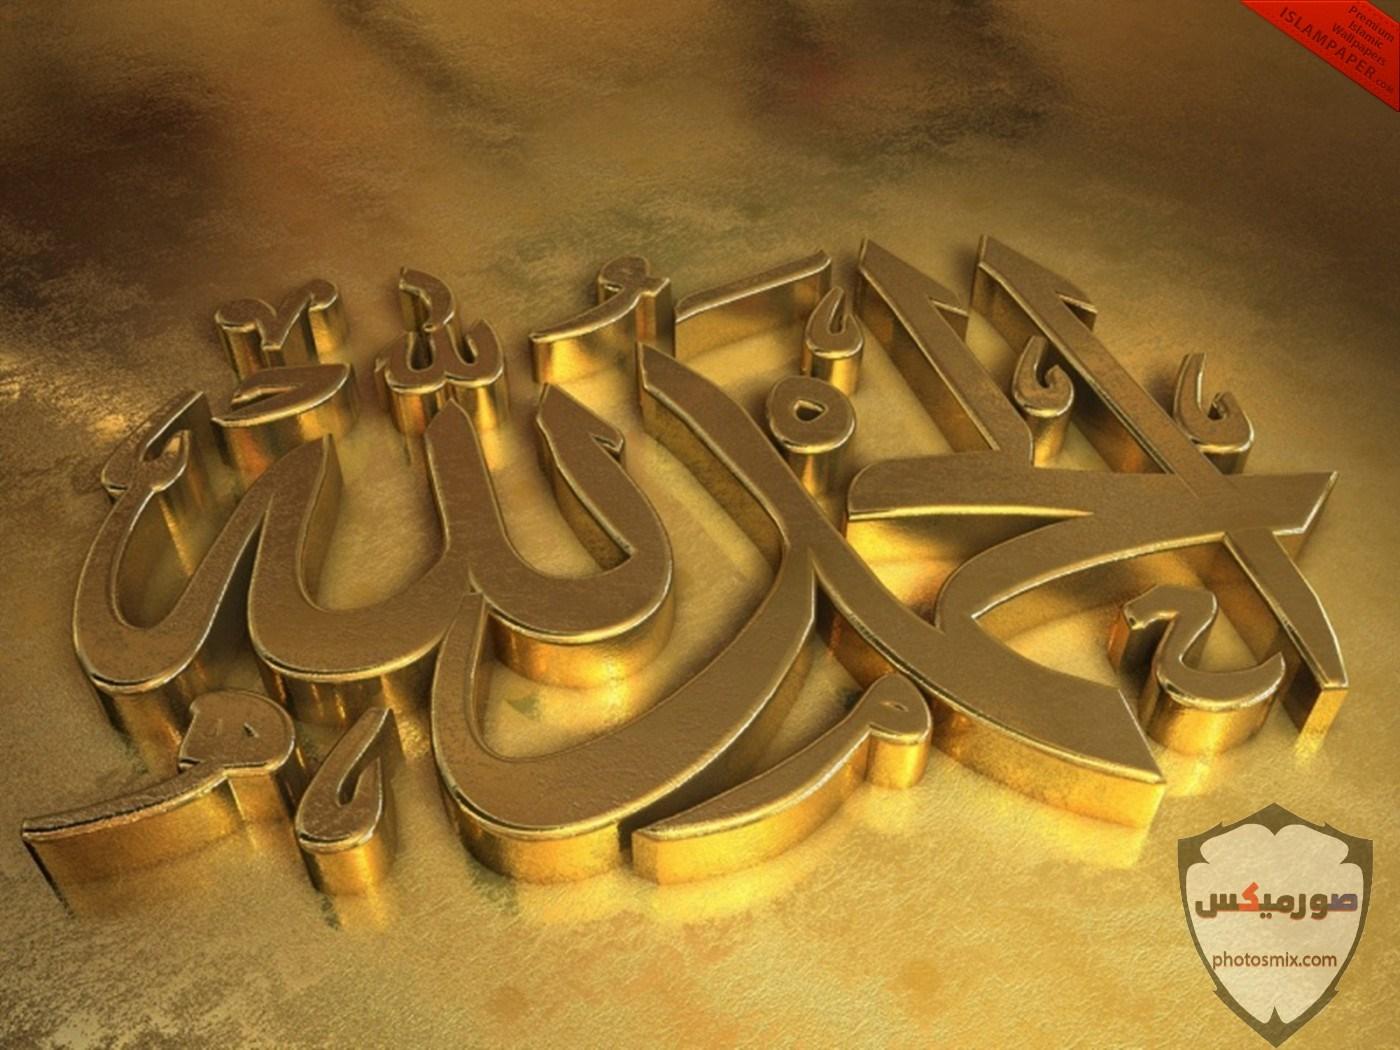 اجمل صور دينية 2020 تحميل صور اسلامية وادعية وايات قرانية وتسابيح 2021 22